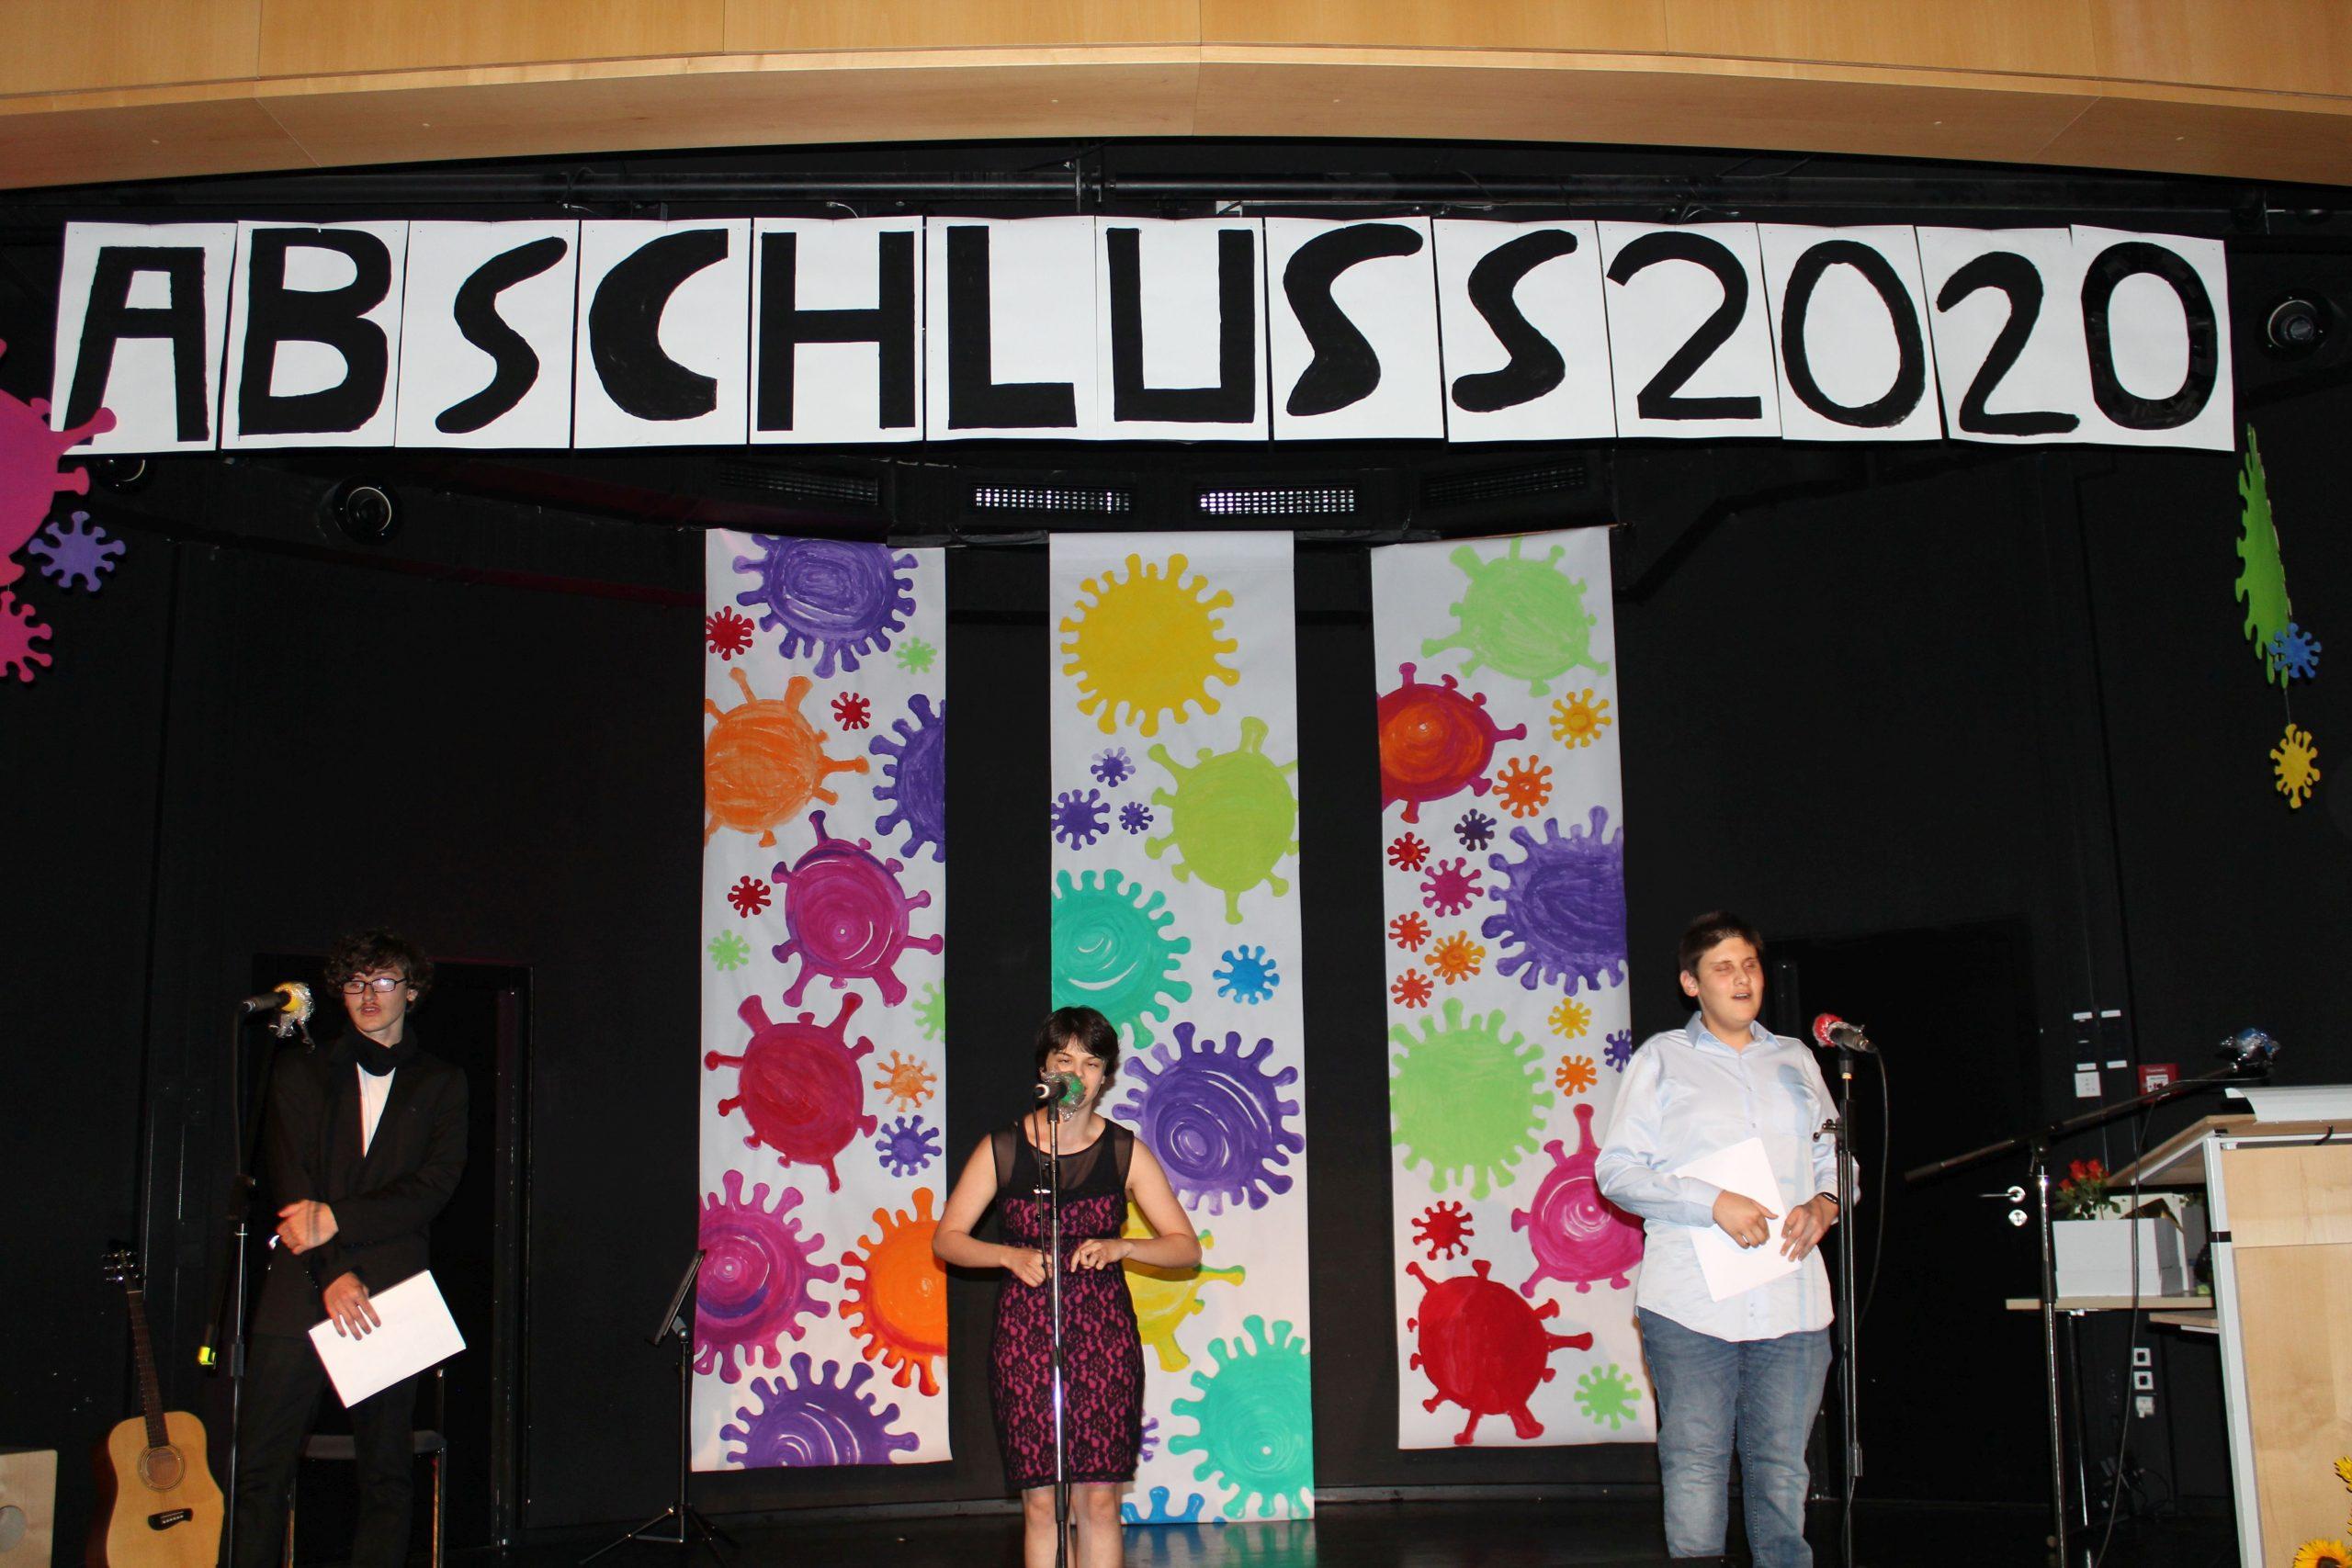 Abschlussfeiern im besonderen Jahr 2020